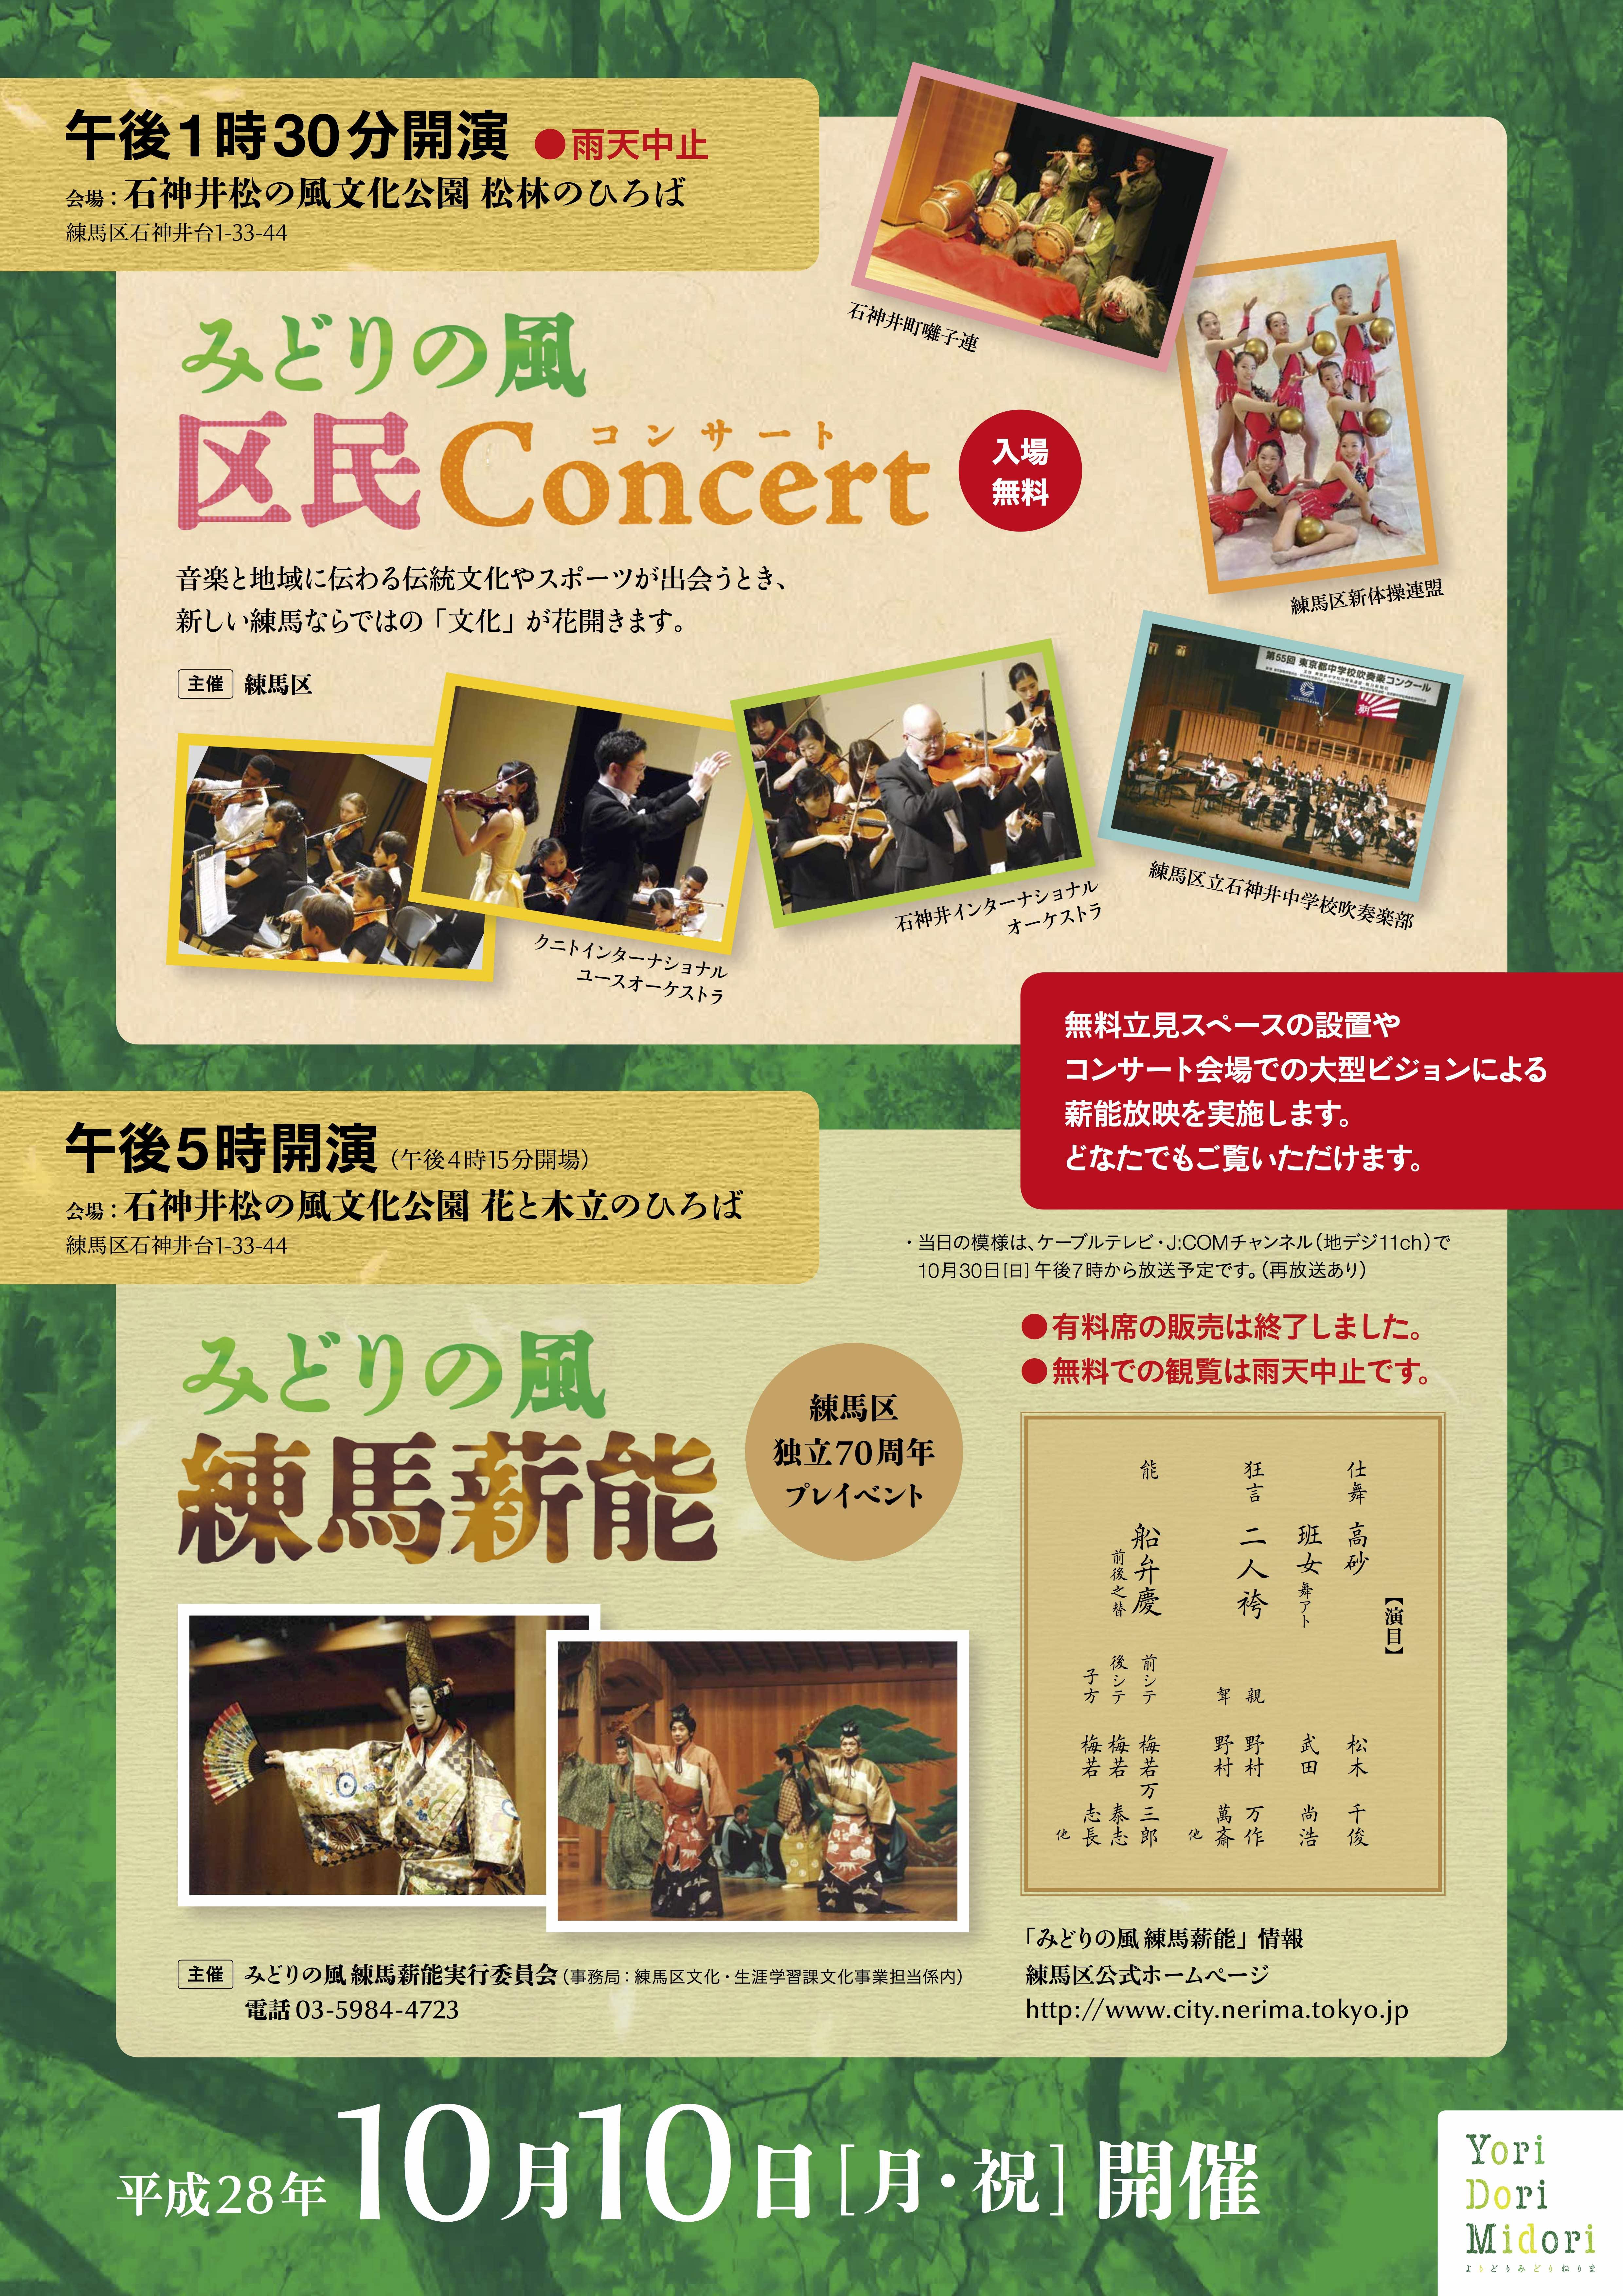 みどりの風区民Concert&国際ジュニア音楽コンクール第2位獲得!